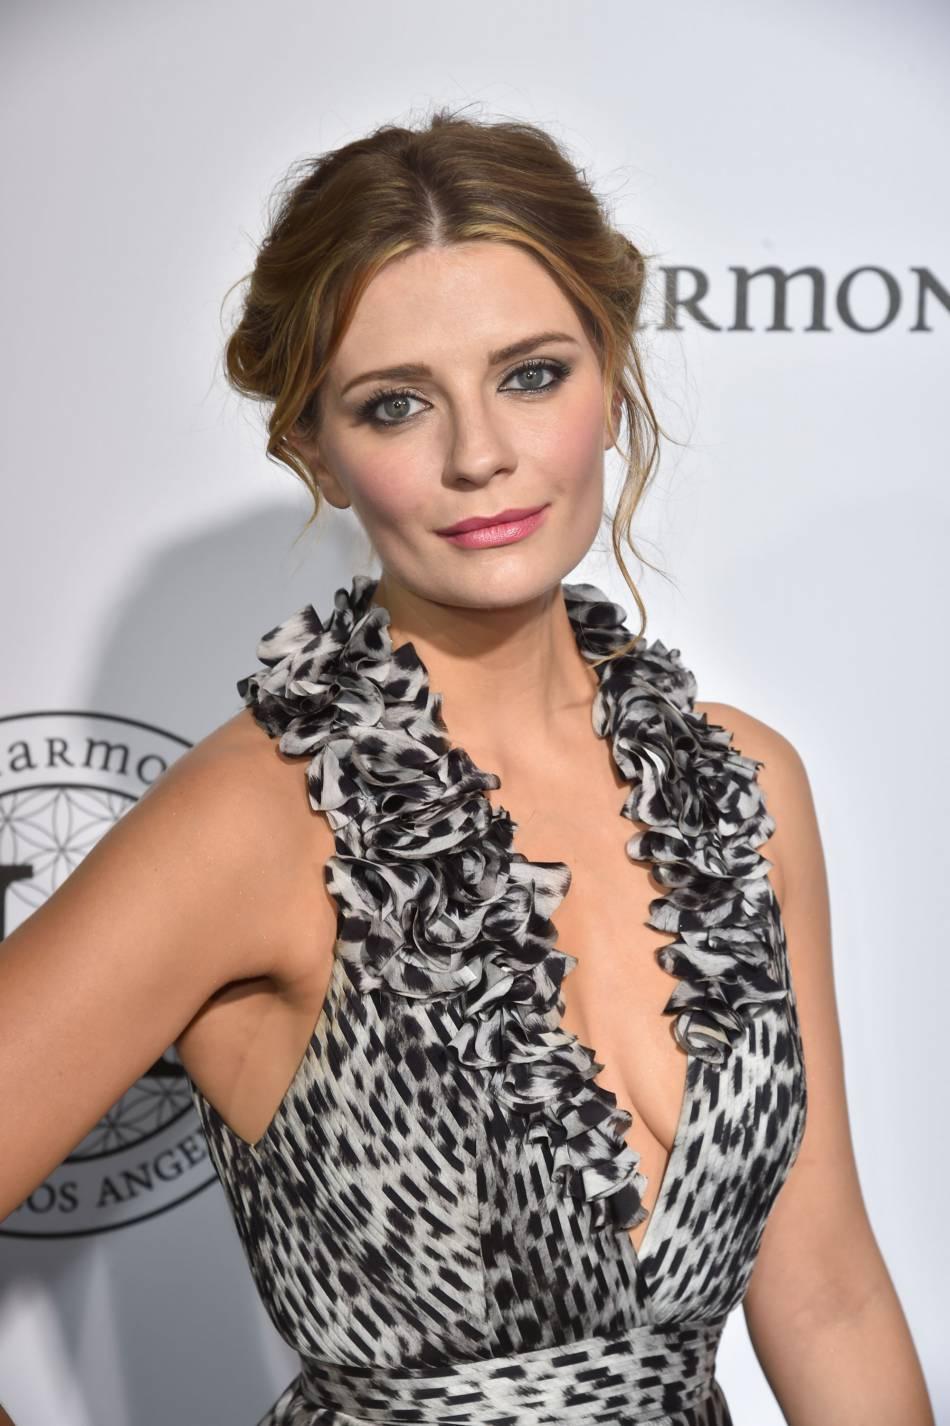 """Mischa Barton, romantique et décolleté au photocall de la soirée """"The Harmonist"""", le 16 mai 2016 à Cannes."""